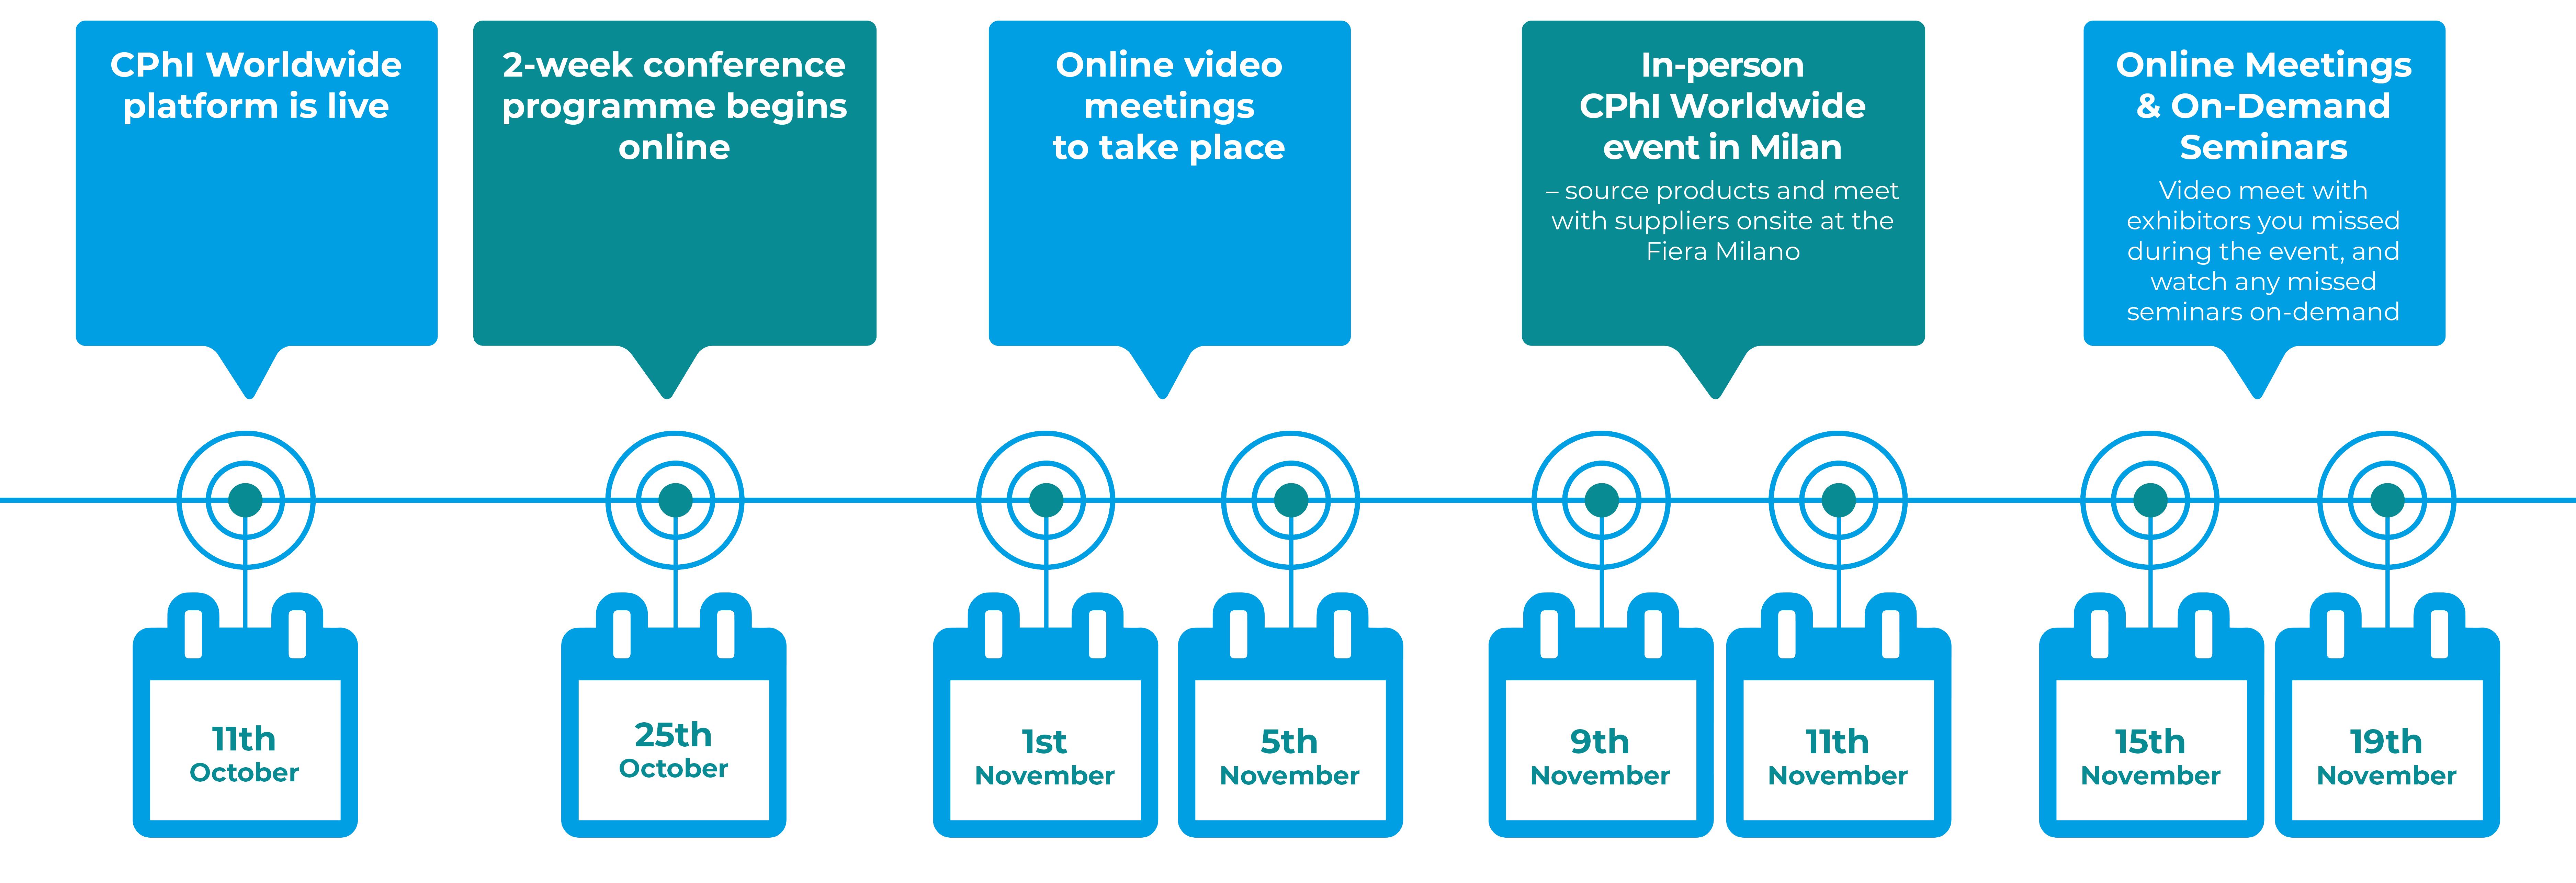 CPhI Worldwide 2021 Timeline